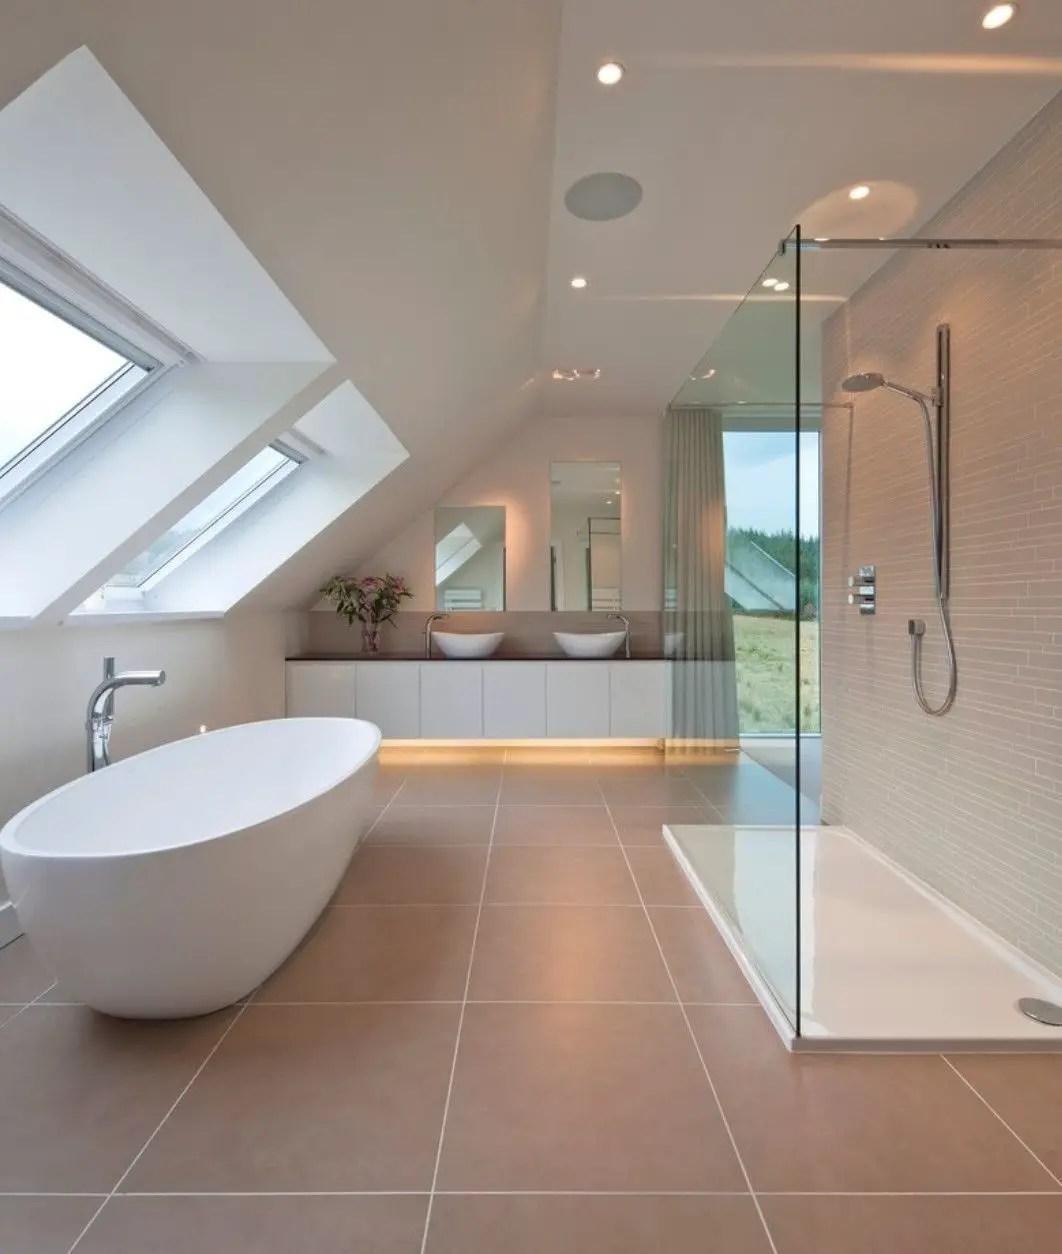 Unique attic bathroom design ideas for your private haven 34